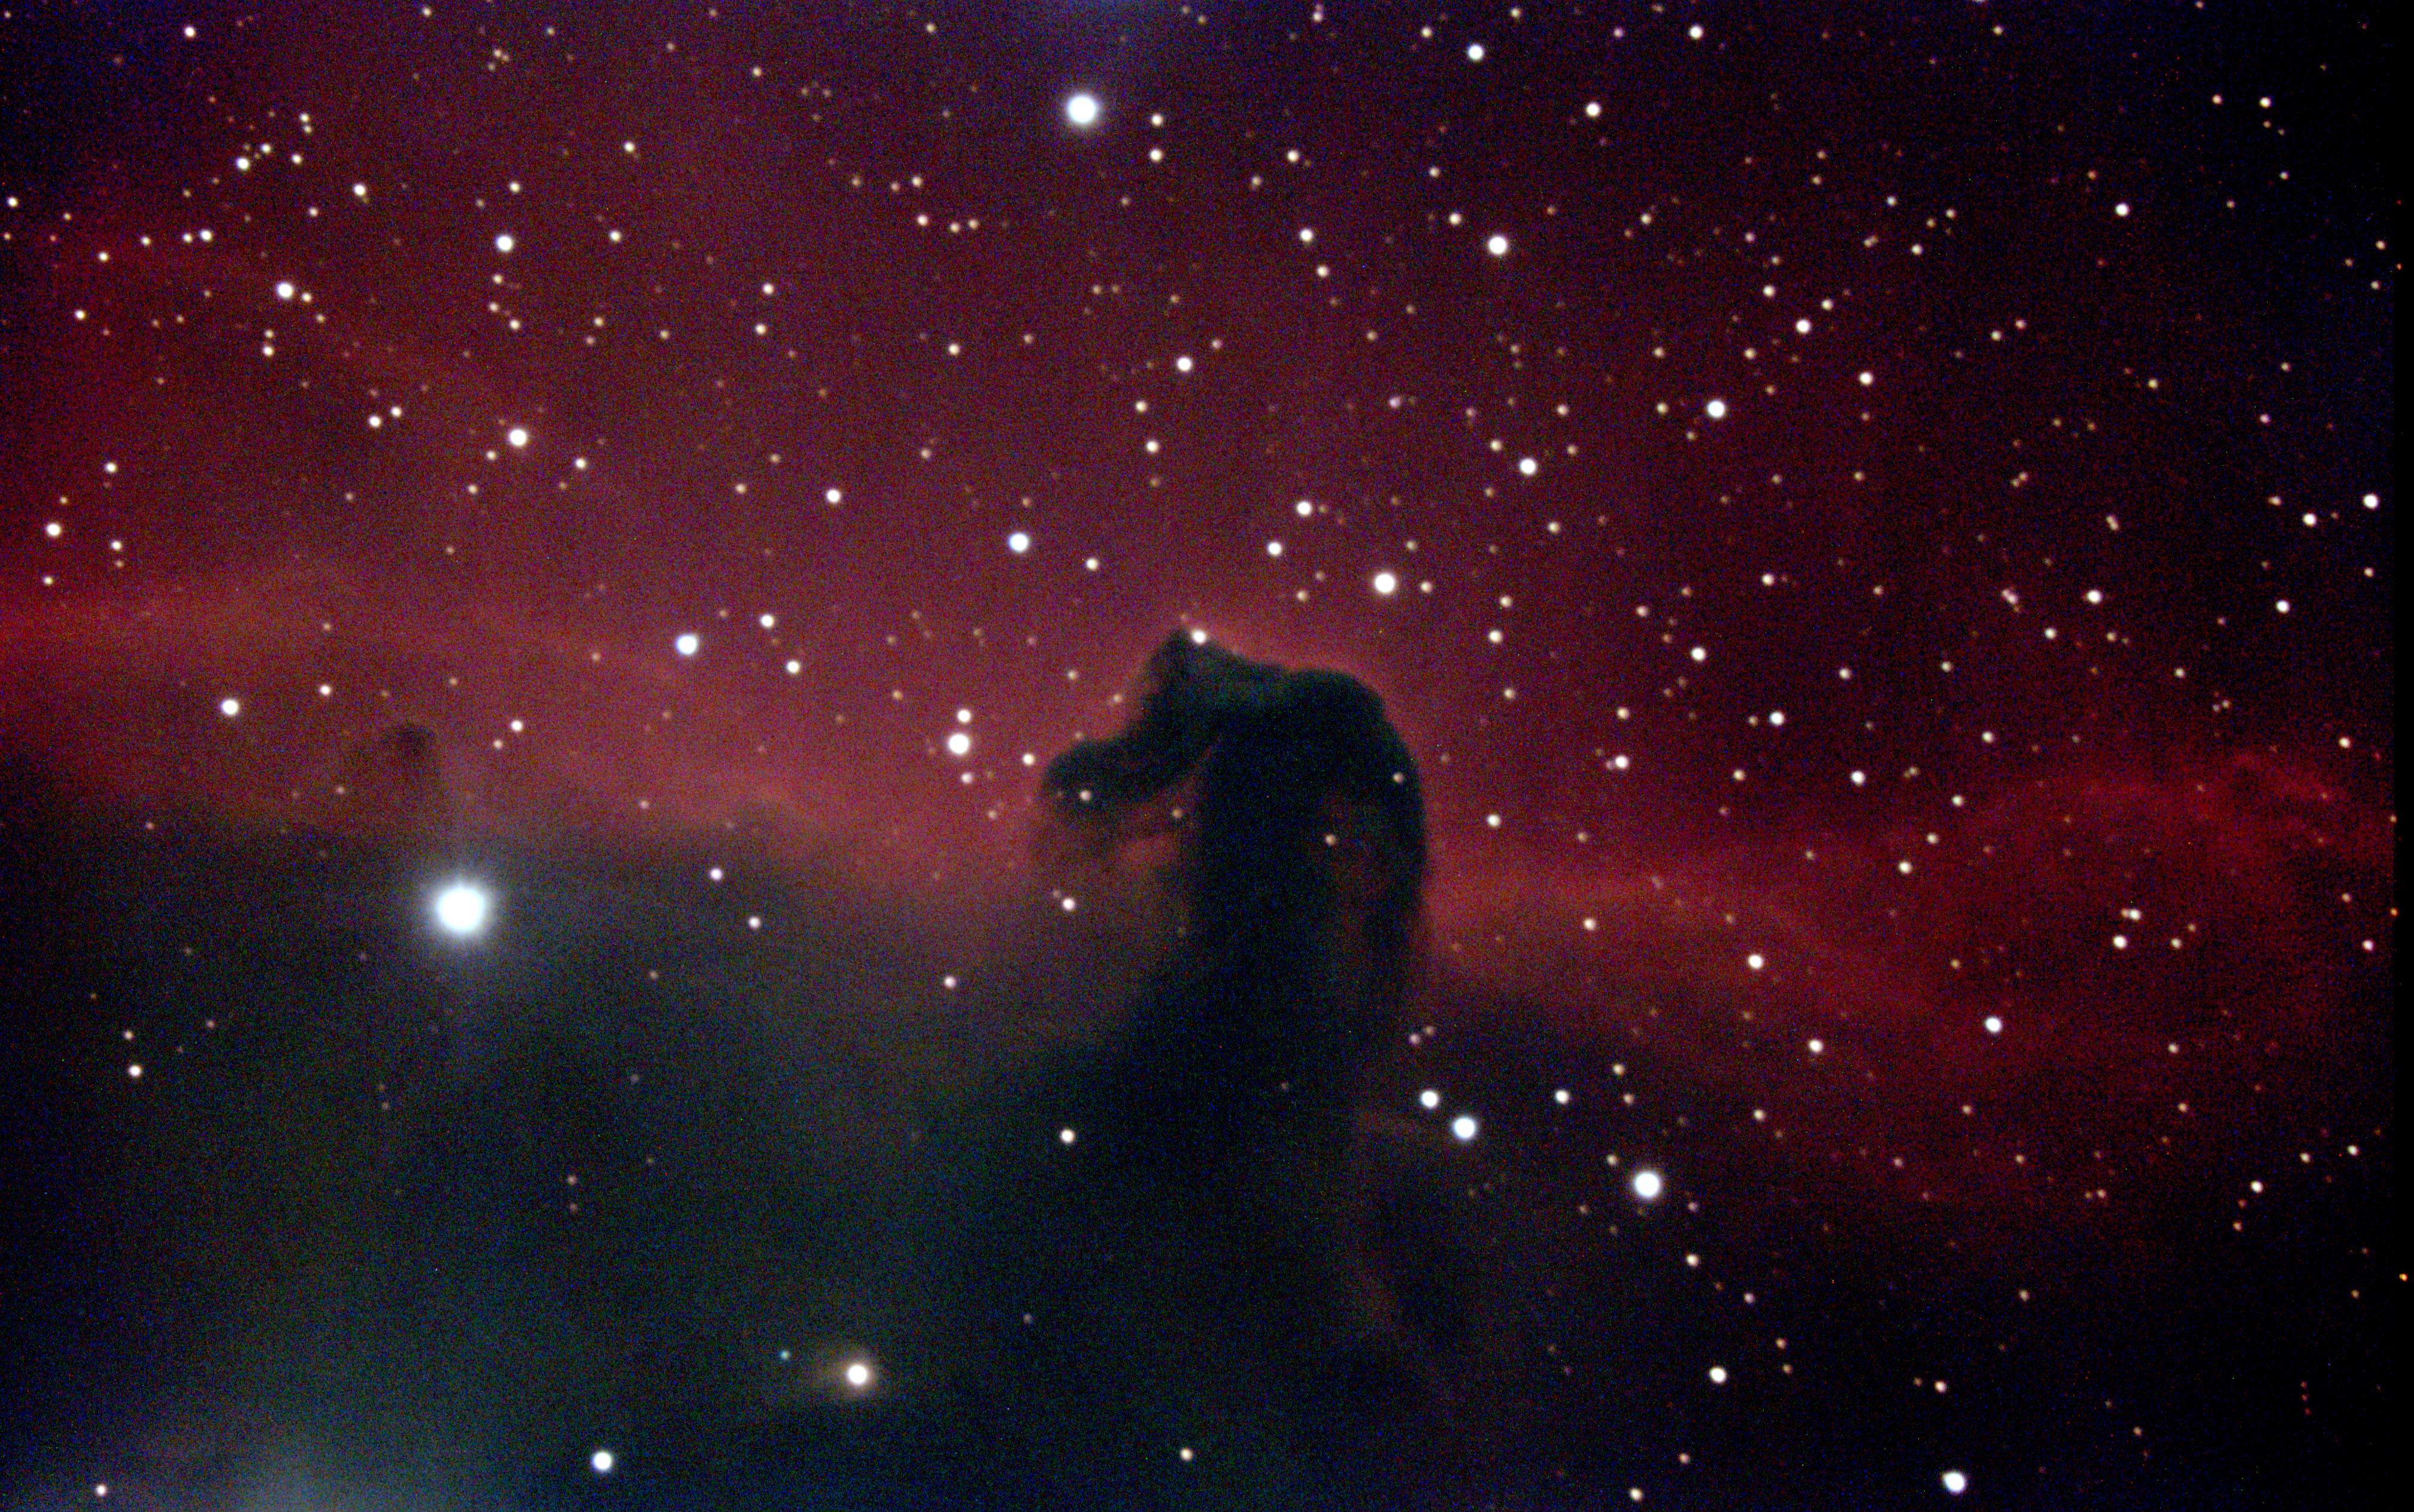 horse-c14-stack_59frames-lr-ba895bc8635711f7b60626b7d7fc012250aacbea